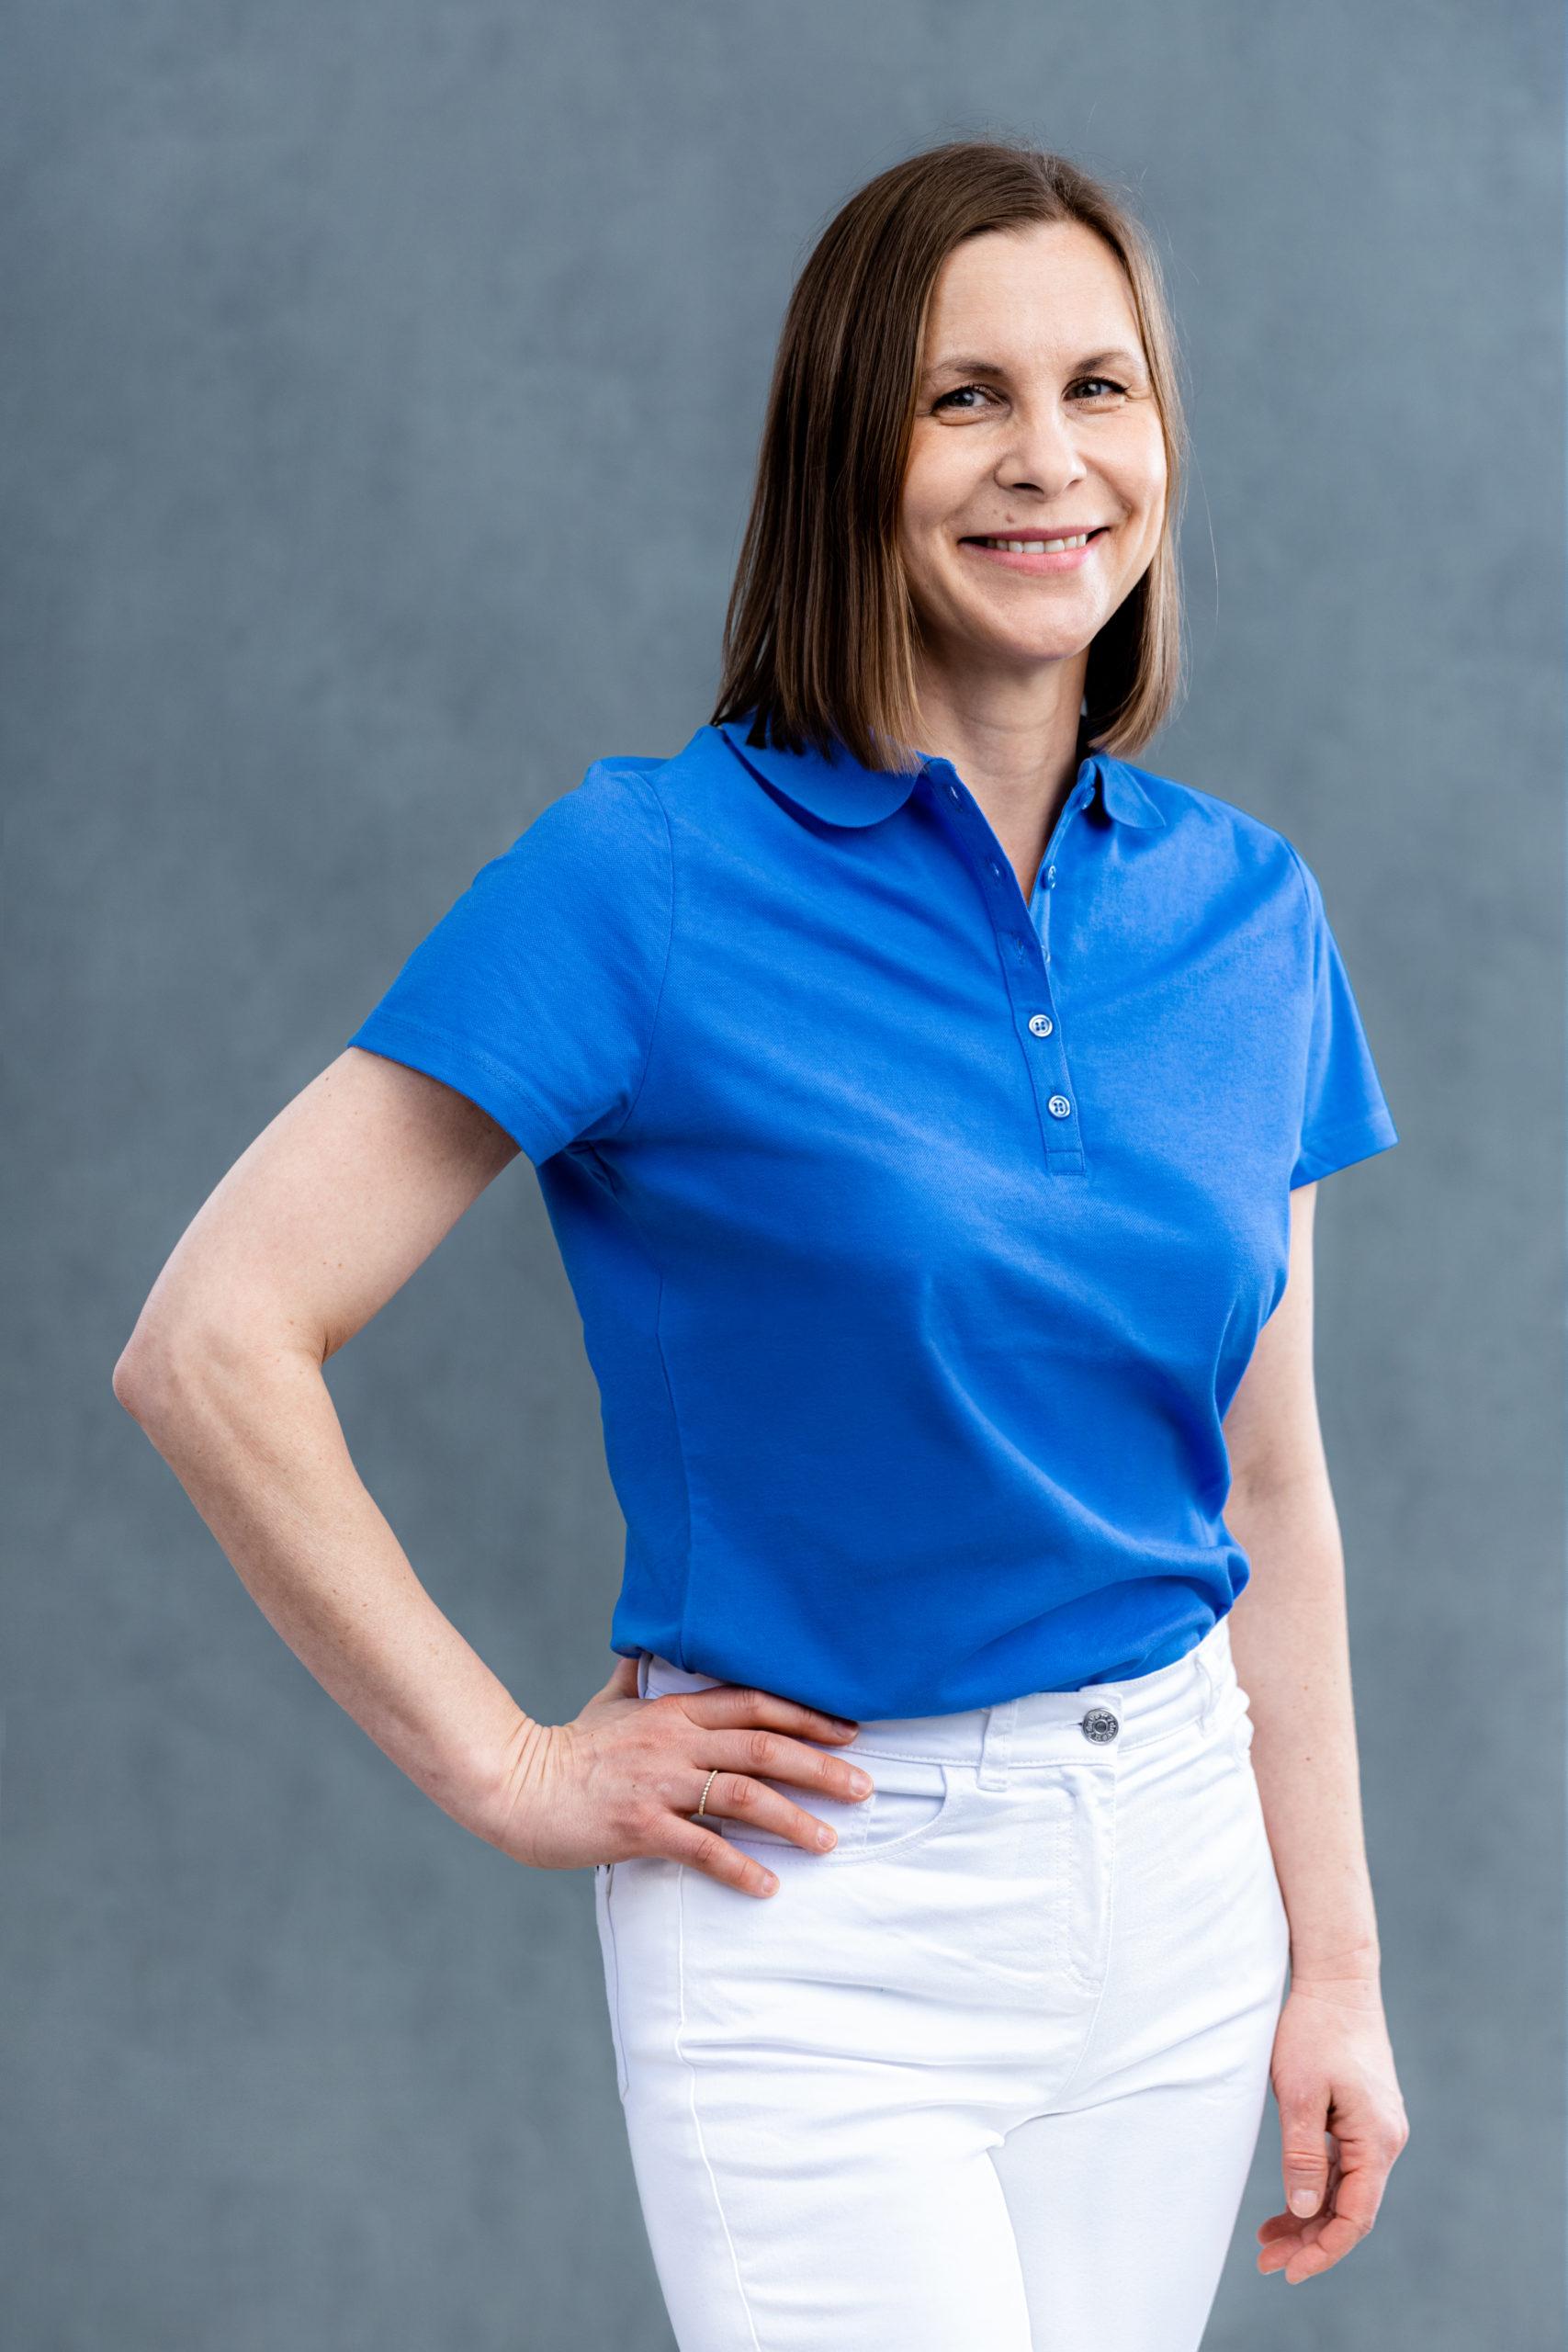 Dr. med. Carla Pohlink